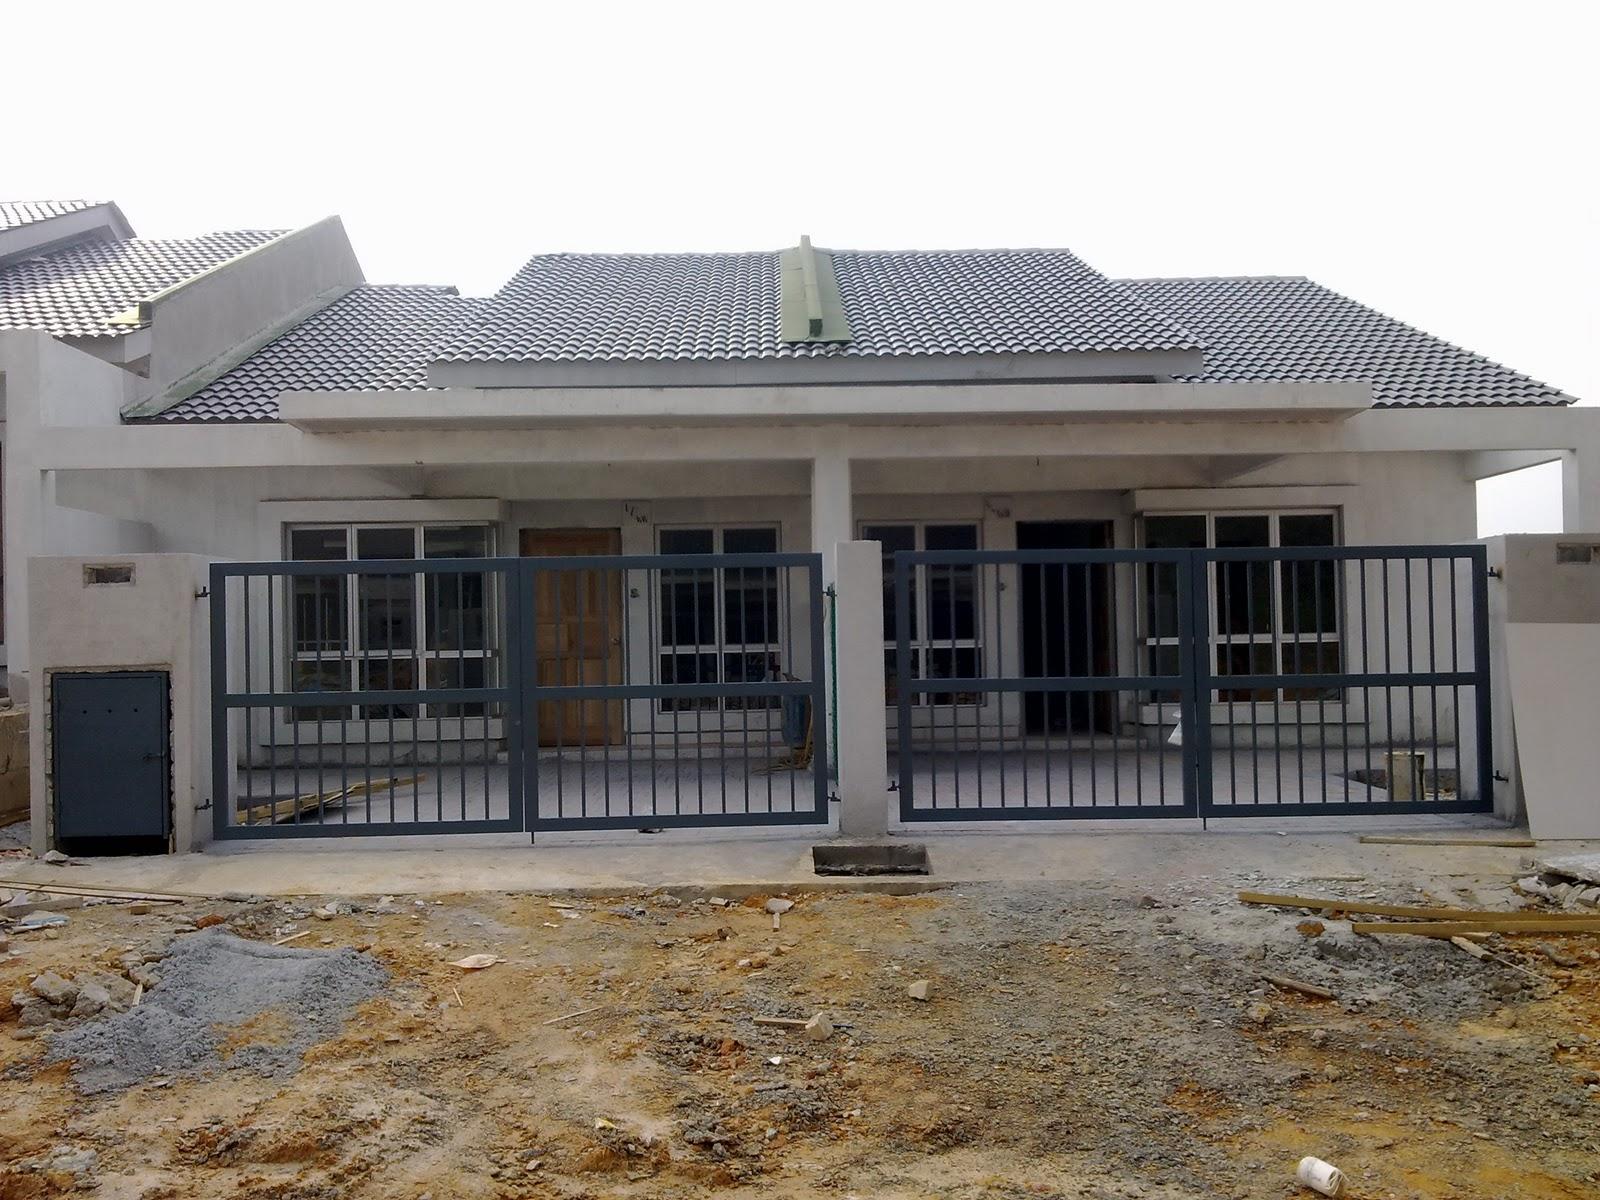 Contoh Gambar Rumah Teres | picturerumahminimalis.com